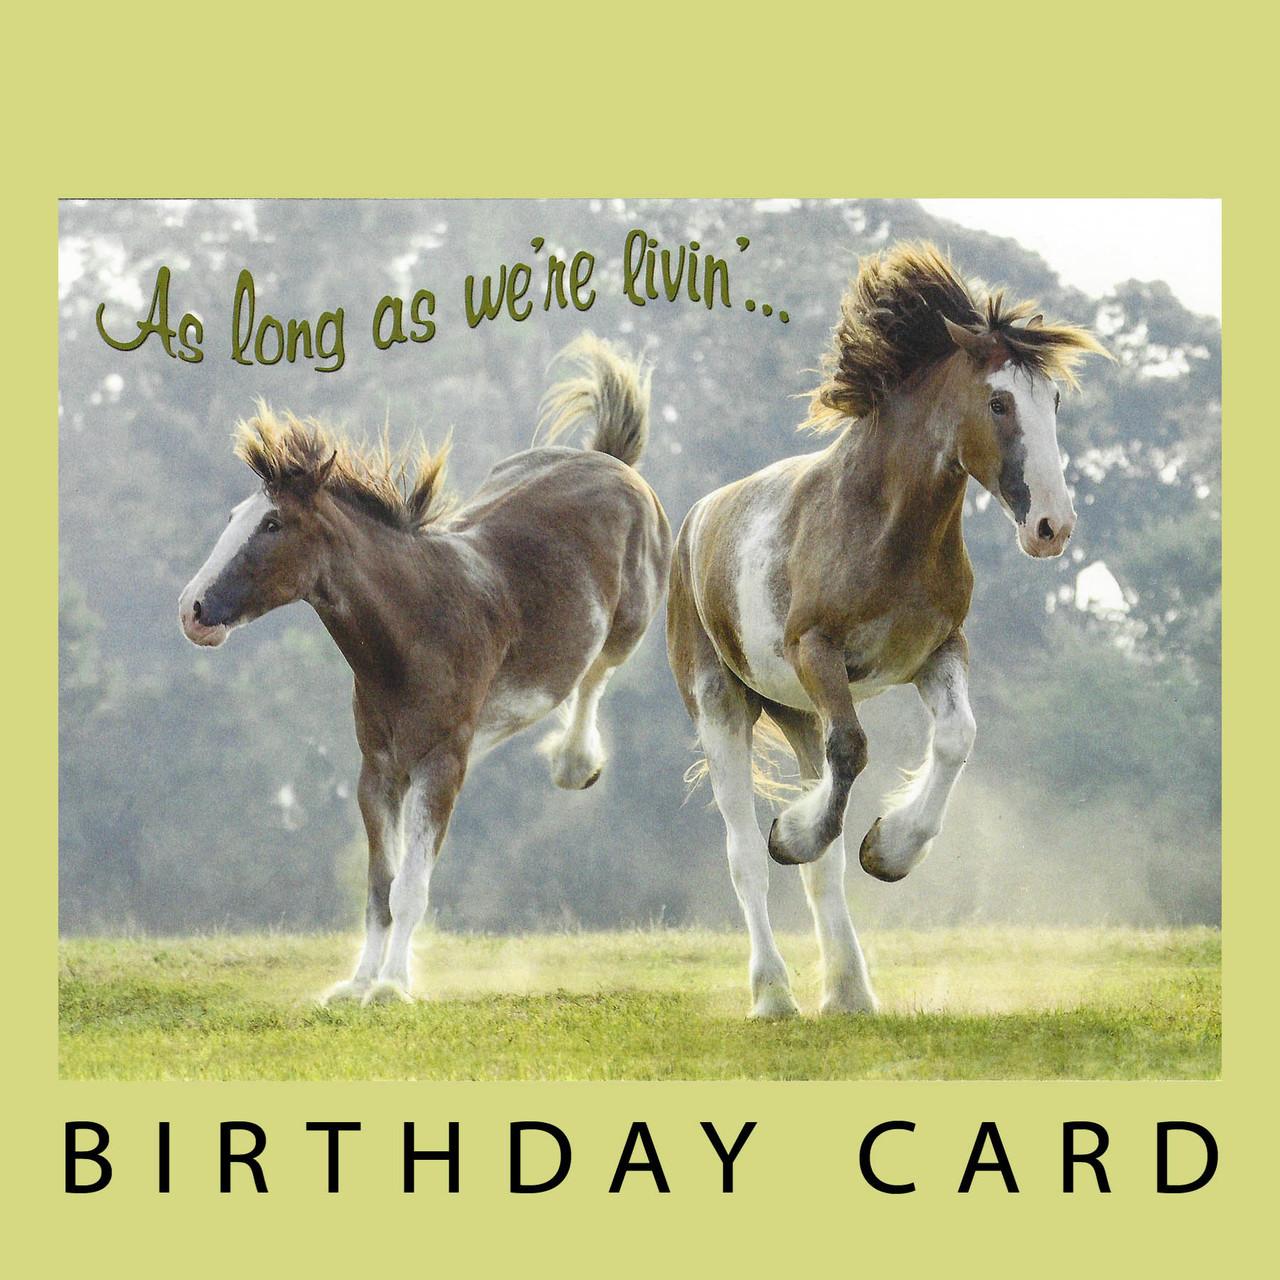 Birthday Card By Leanin